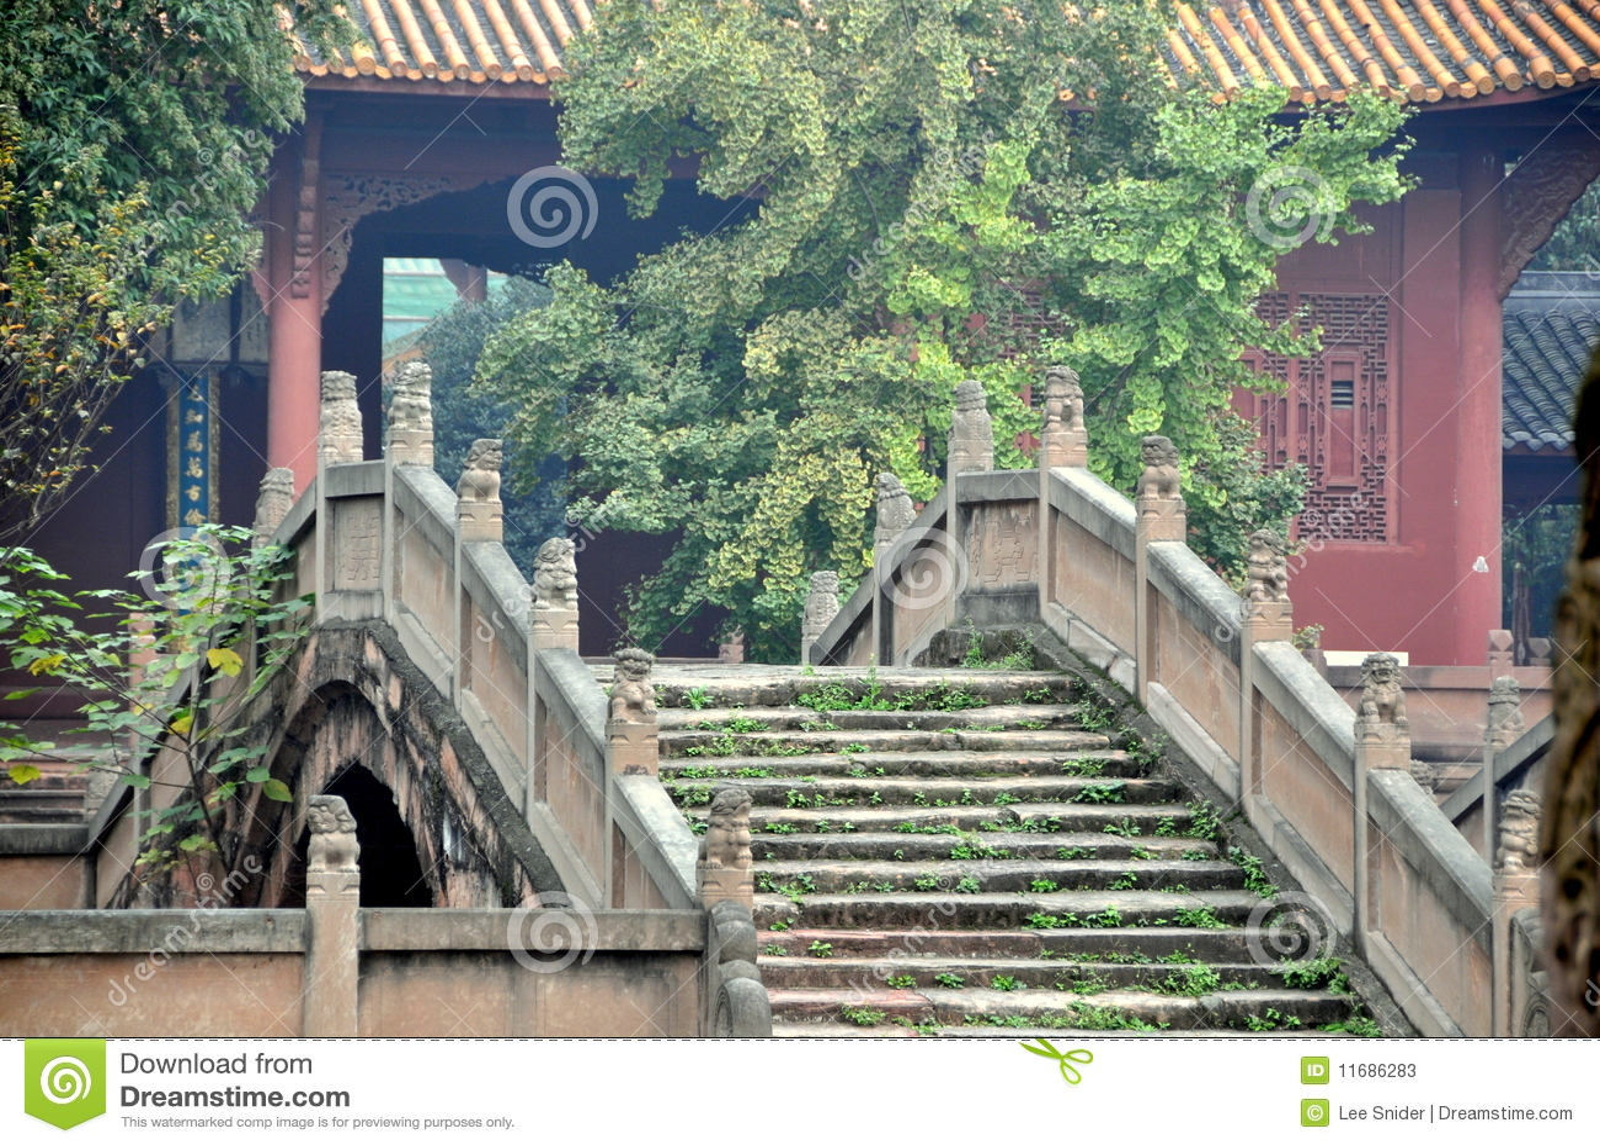 Deyang China  city photos : Deyang, China: Pan Bridge At Confucian Temple Stock Photos Image ...